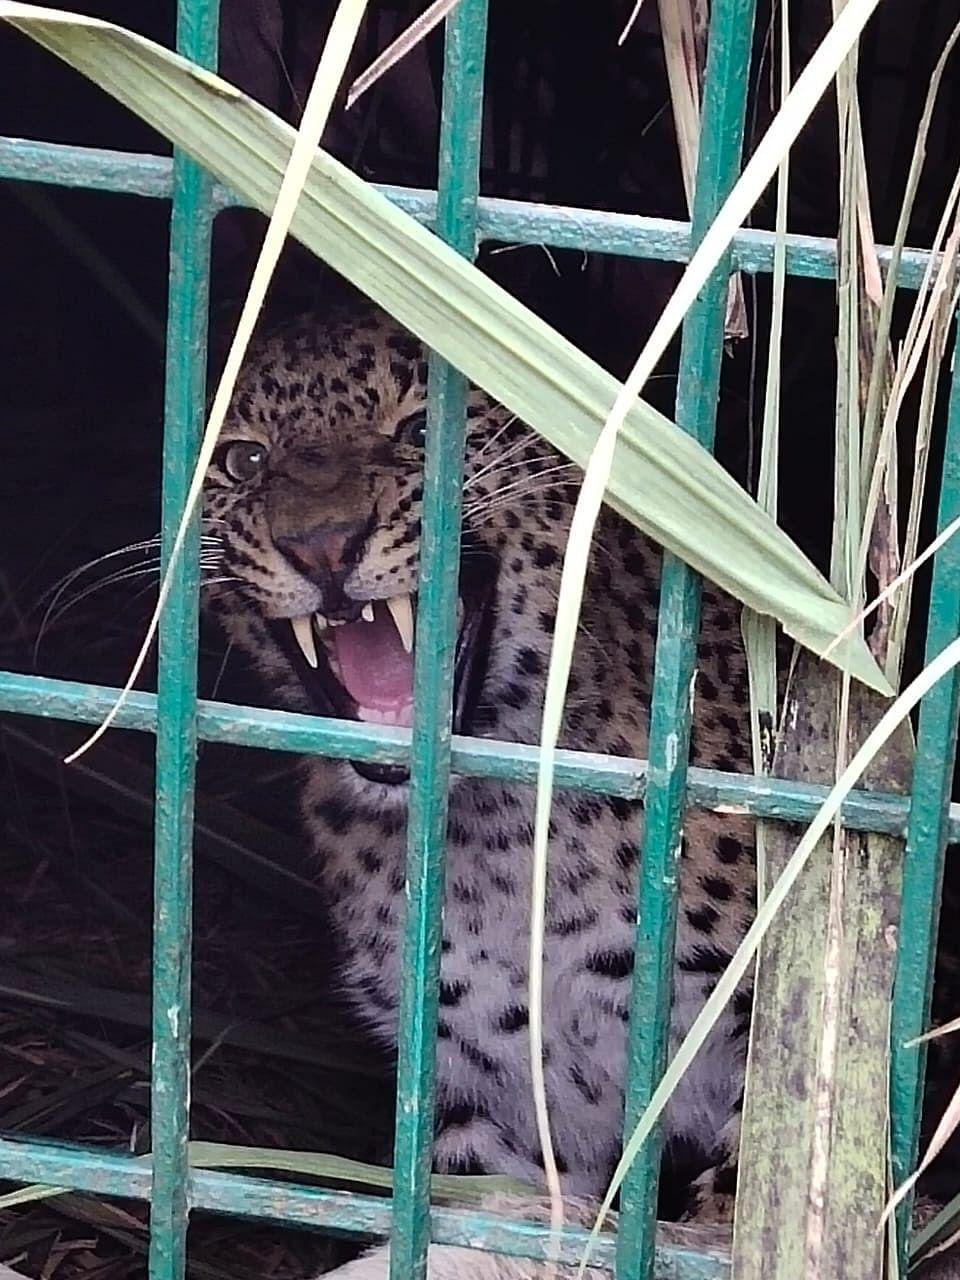 बाघ के नाम का आतंक, पकड़ी गई मादा तेंदुआ